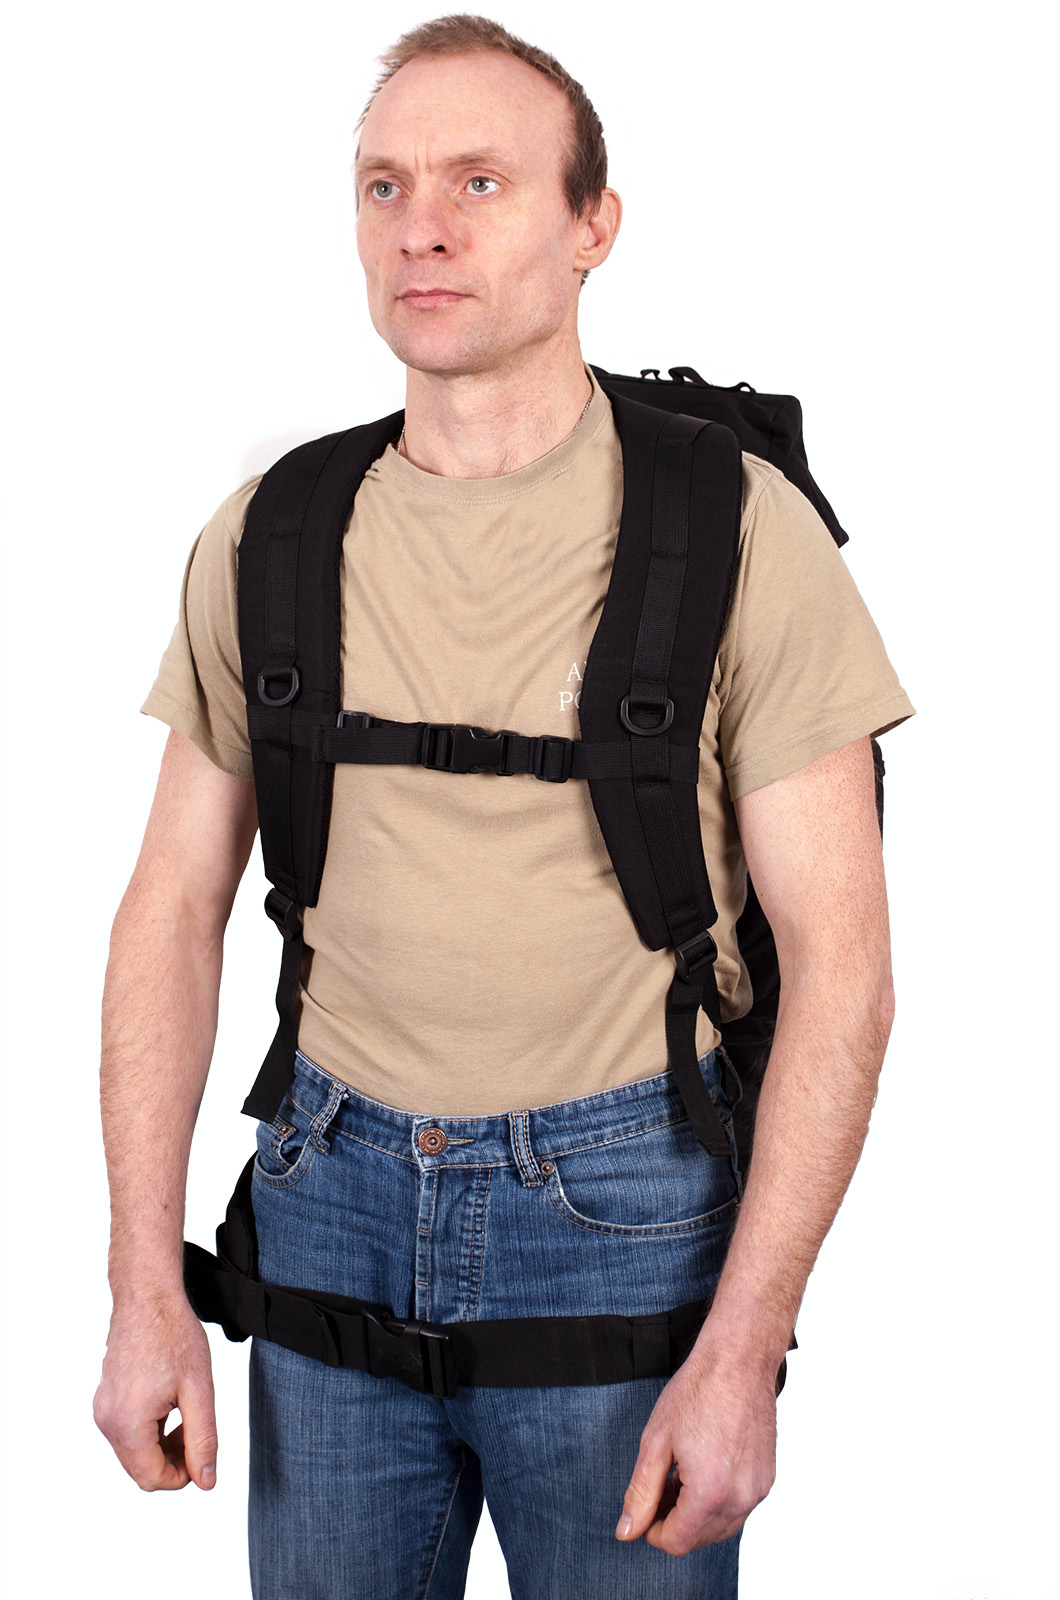 Многодневный серьезный рюкзак с нашивкой Рыболовный Спецназ - заказать в розницу